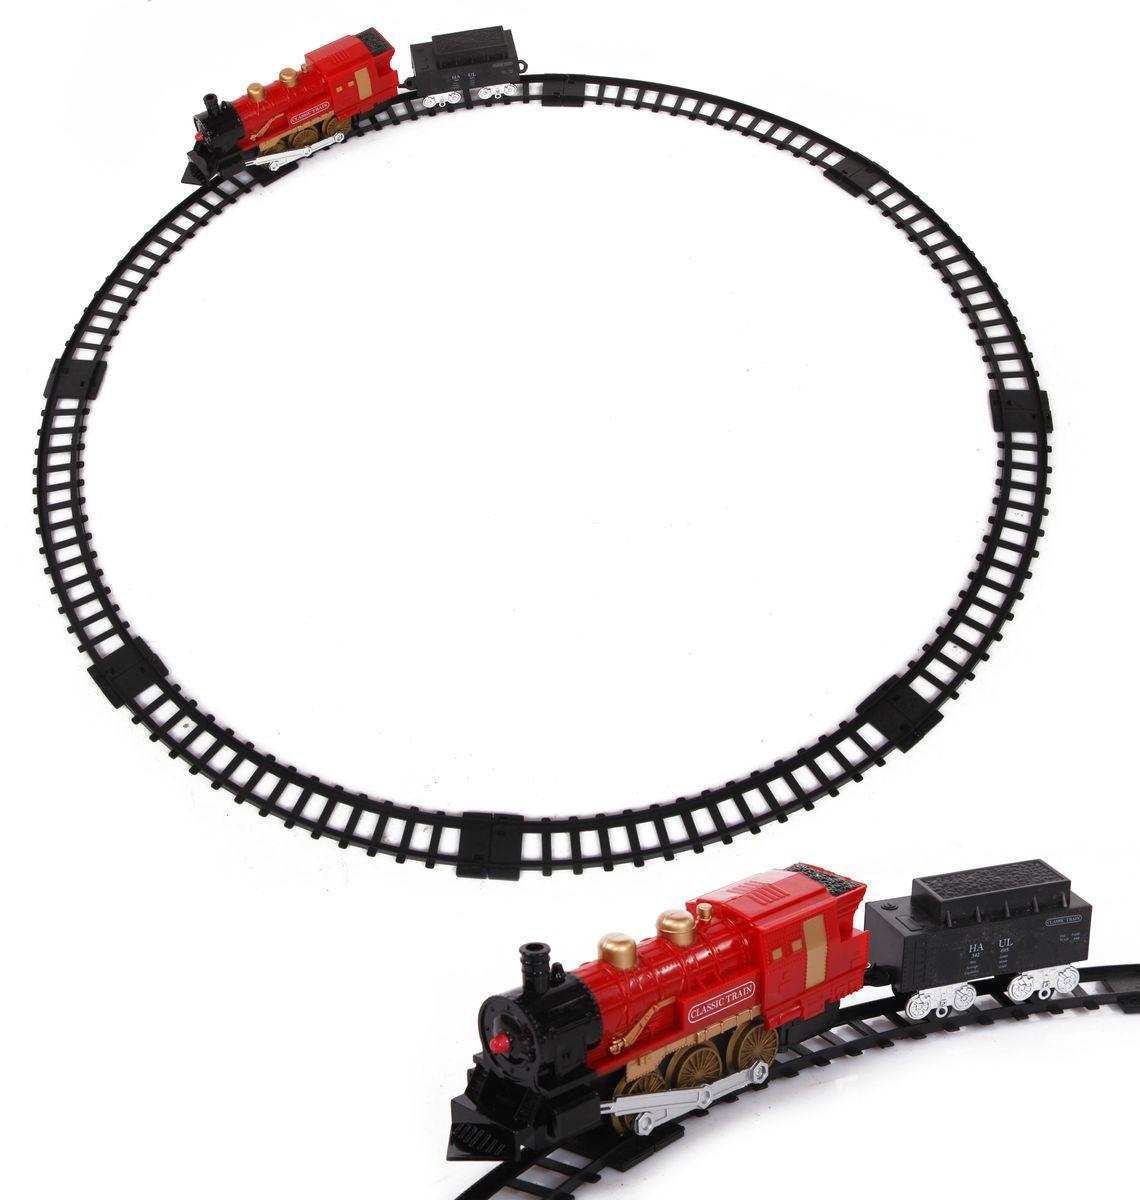 Yako Железная дорога Классический поезд цвет локомотива красный